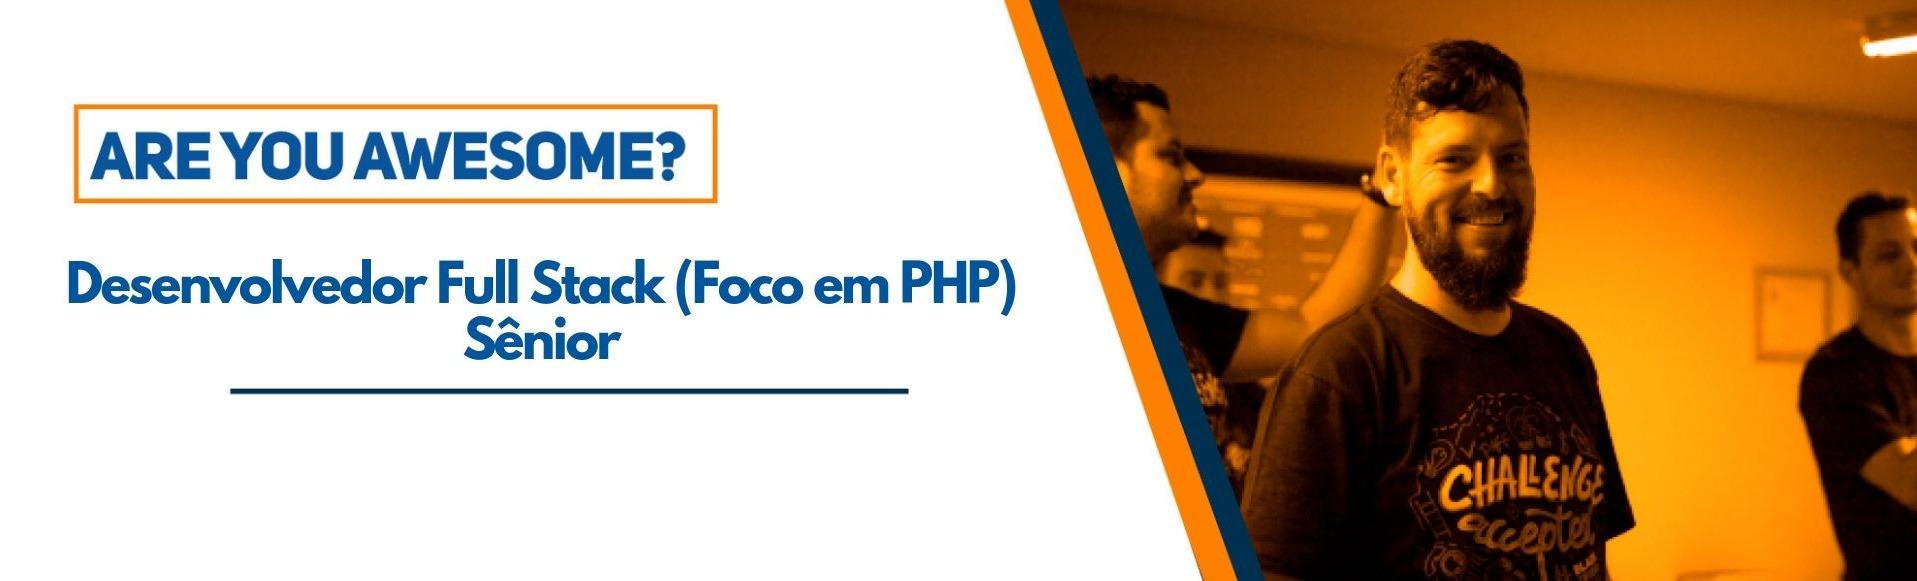 Desenvolvedor Full Stack  (Foco em PHP) Sênior